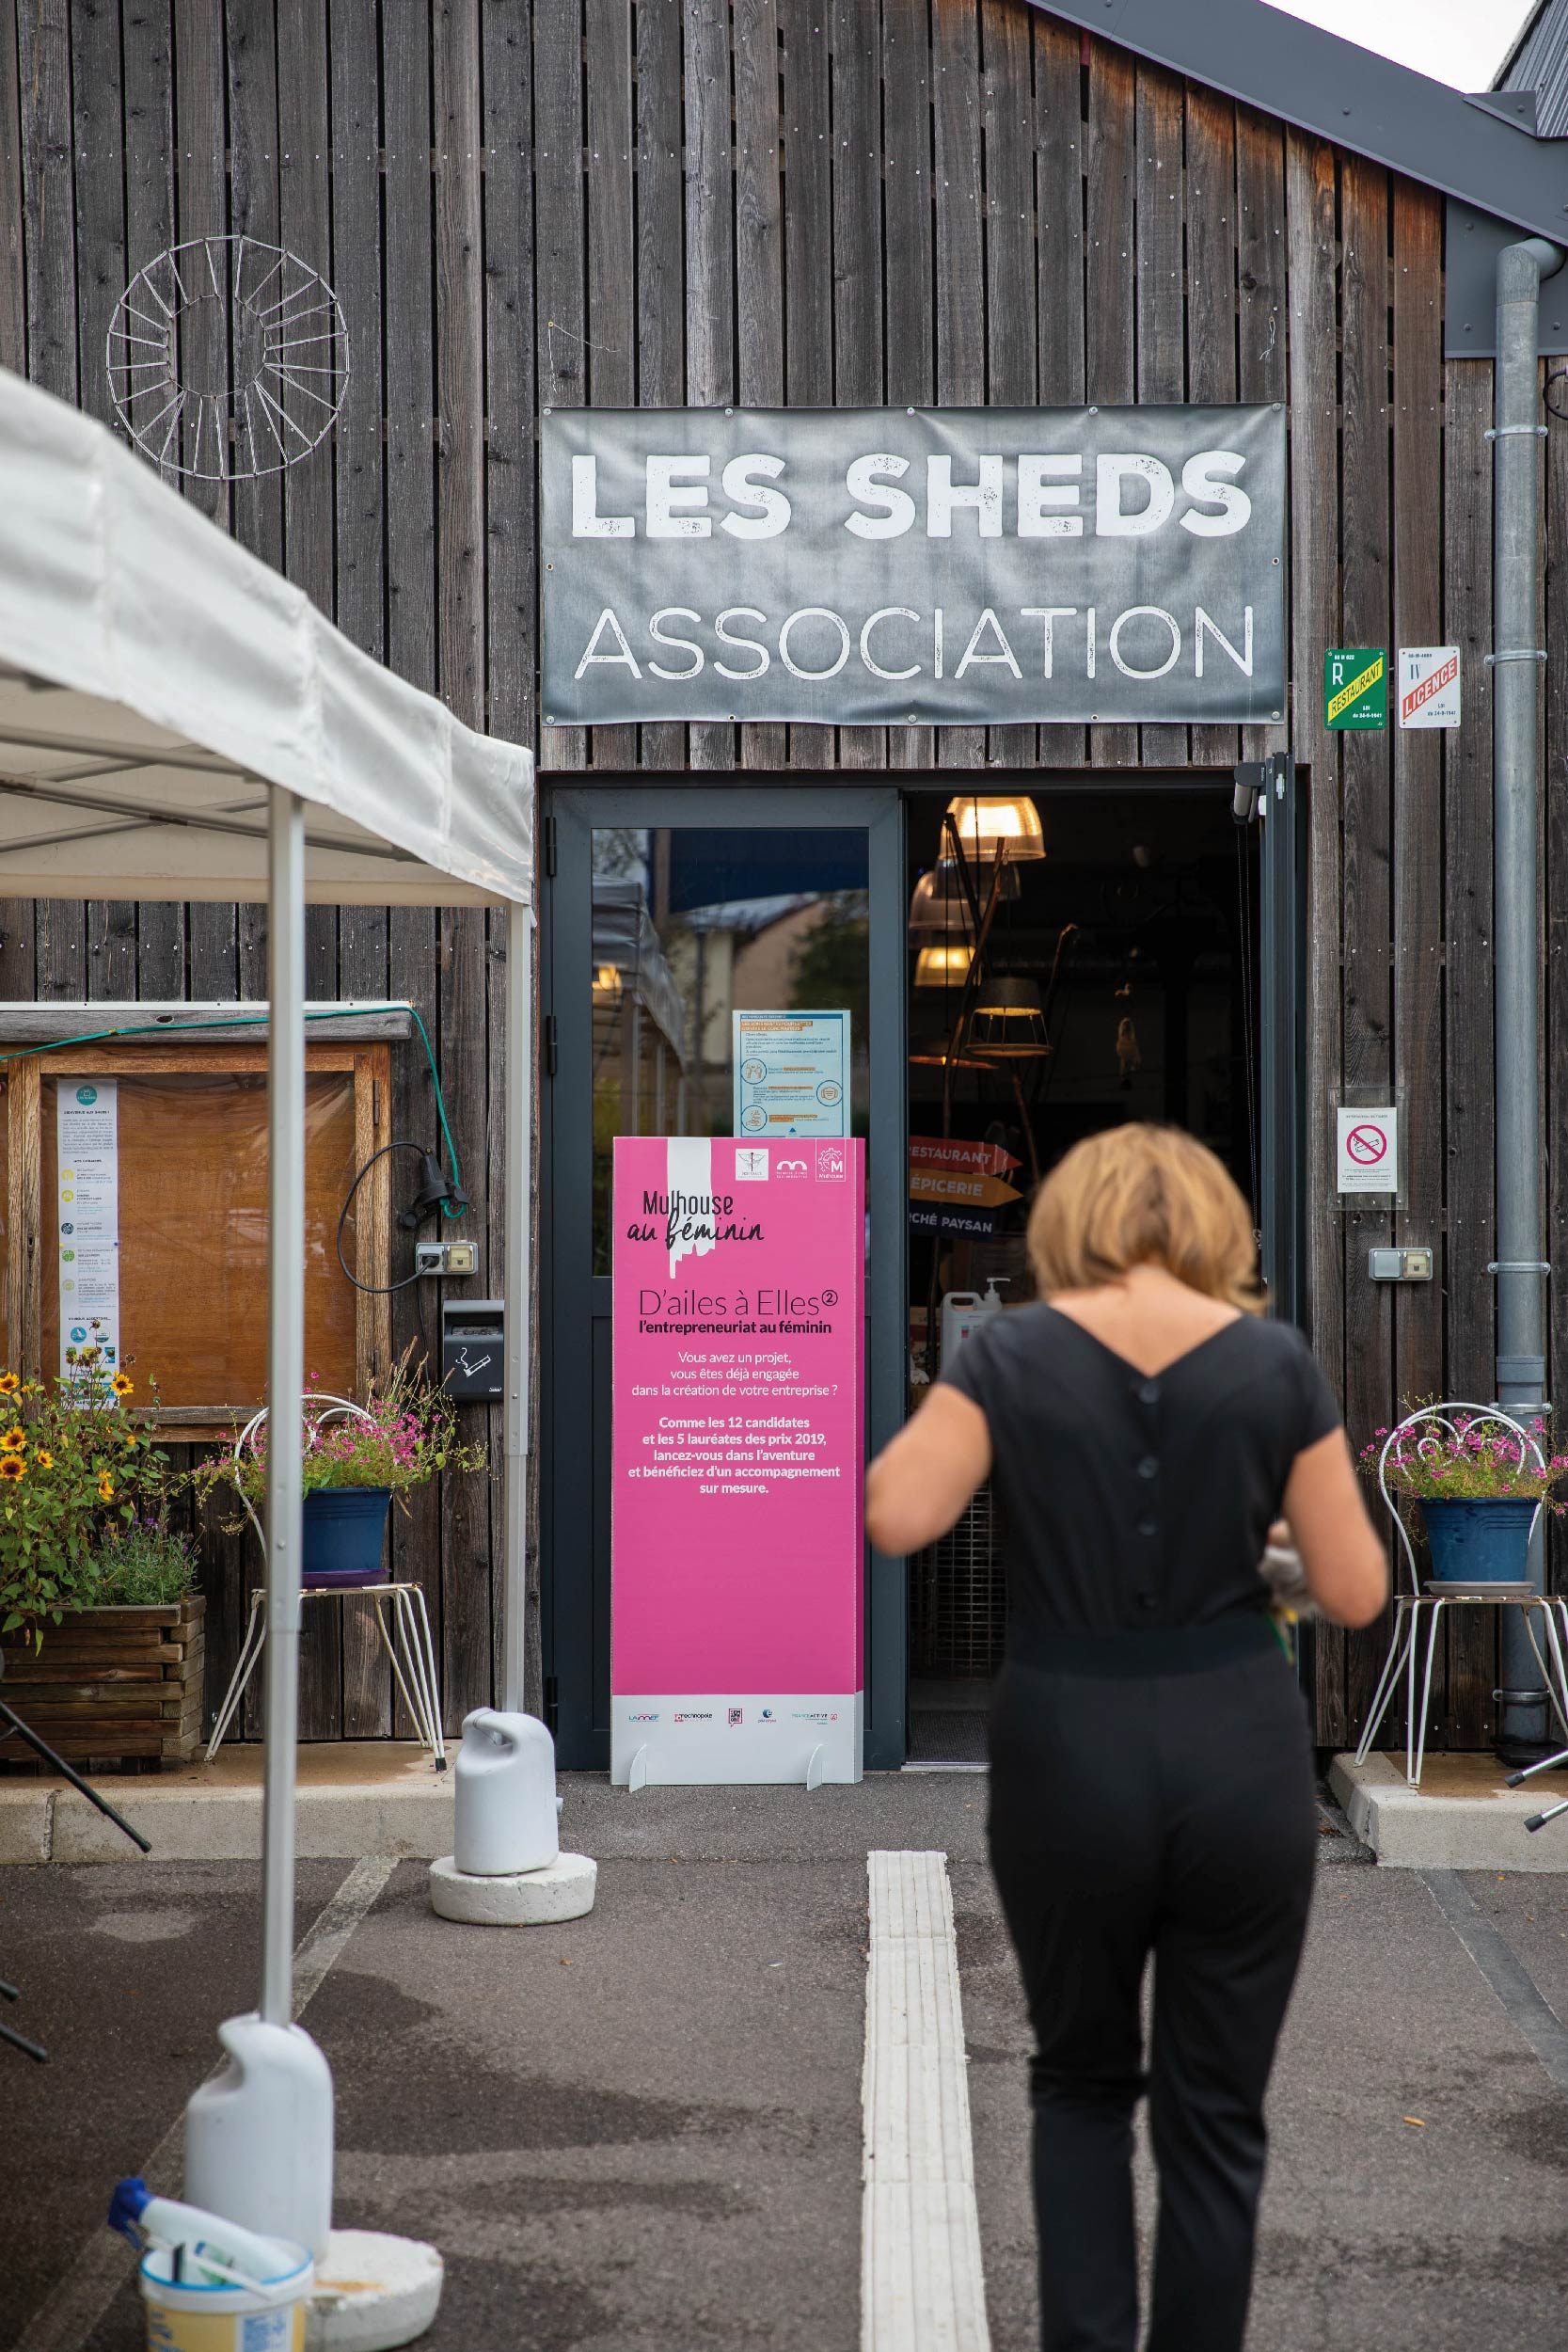 Les Sheds